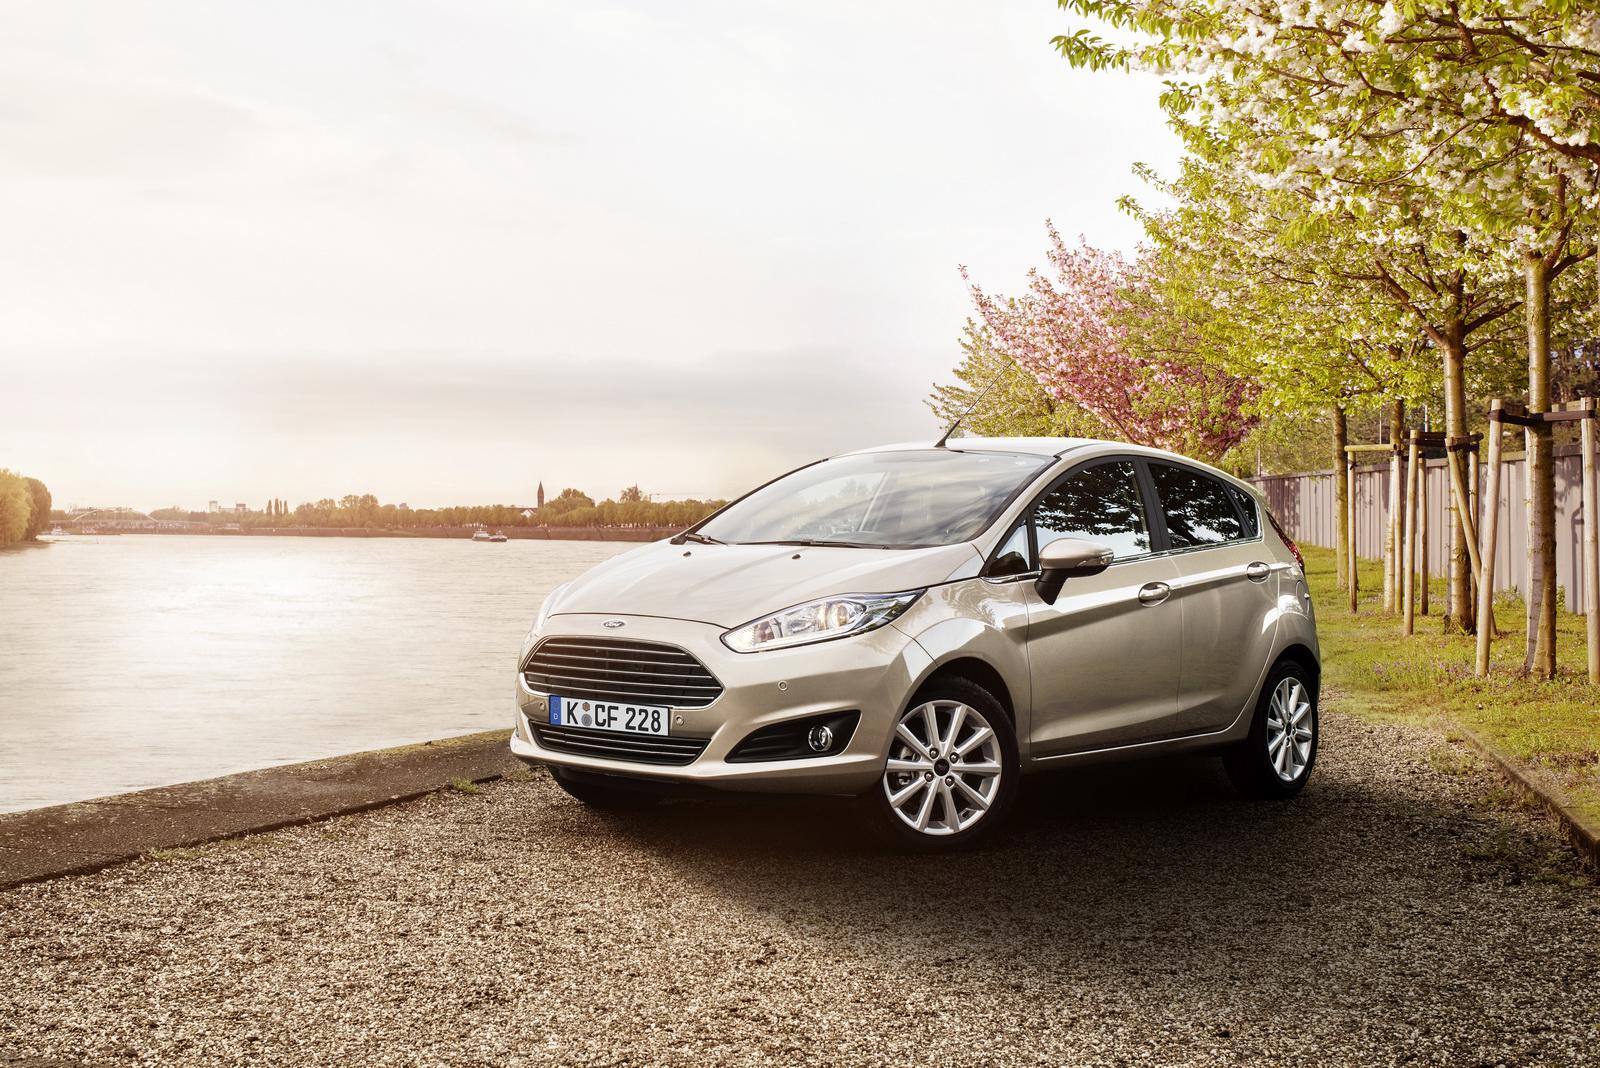 Ford Fiesta là dòng xe cỡ nhỏ bán chạy nhất châu Âu